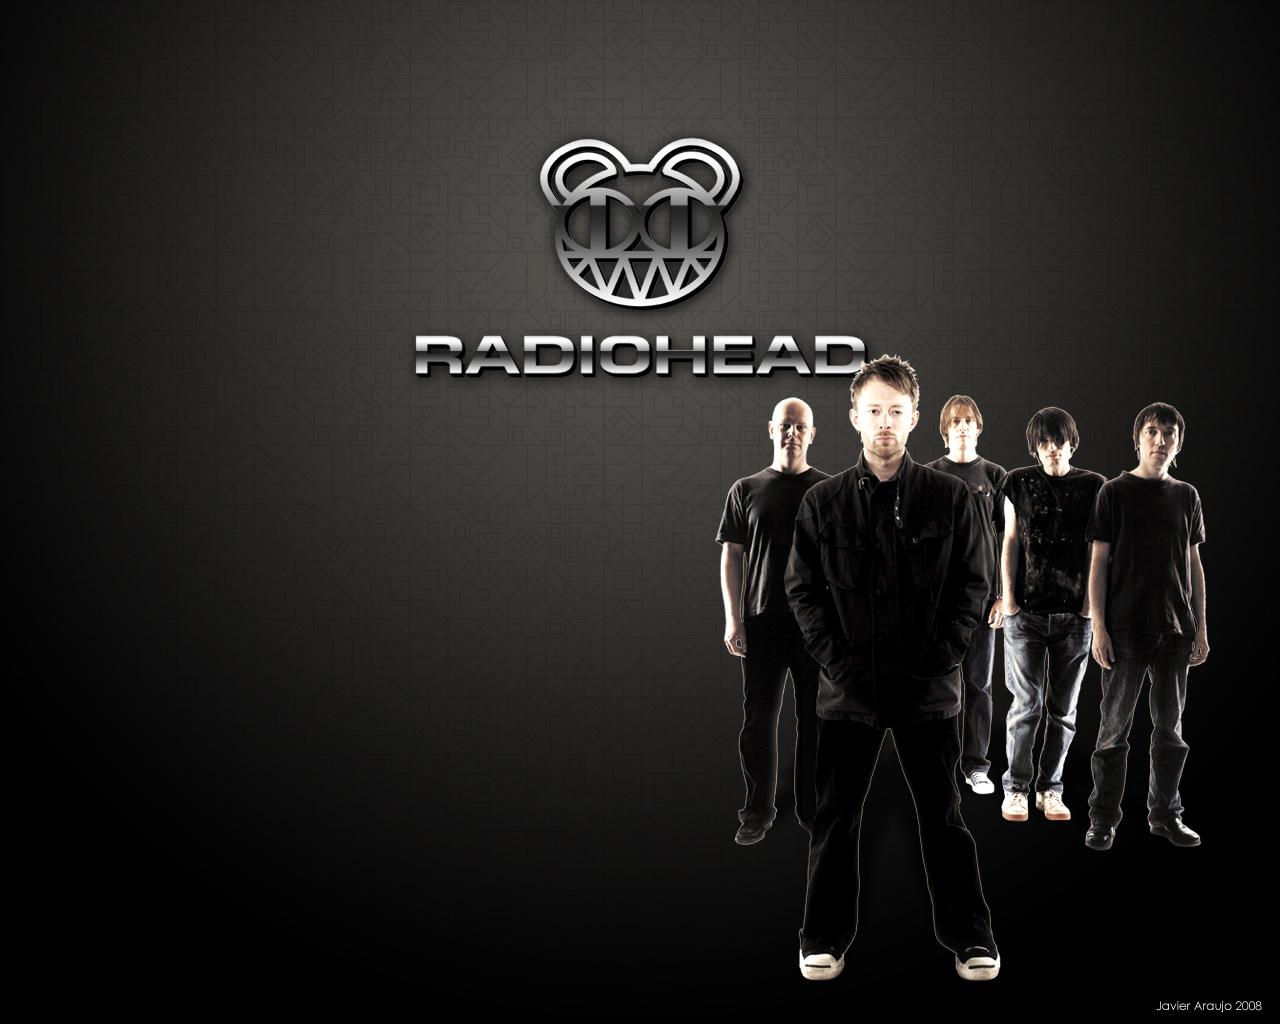 Radiohead Wallpaper Wallpapersafari